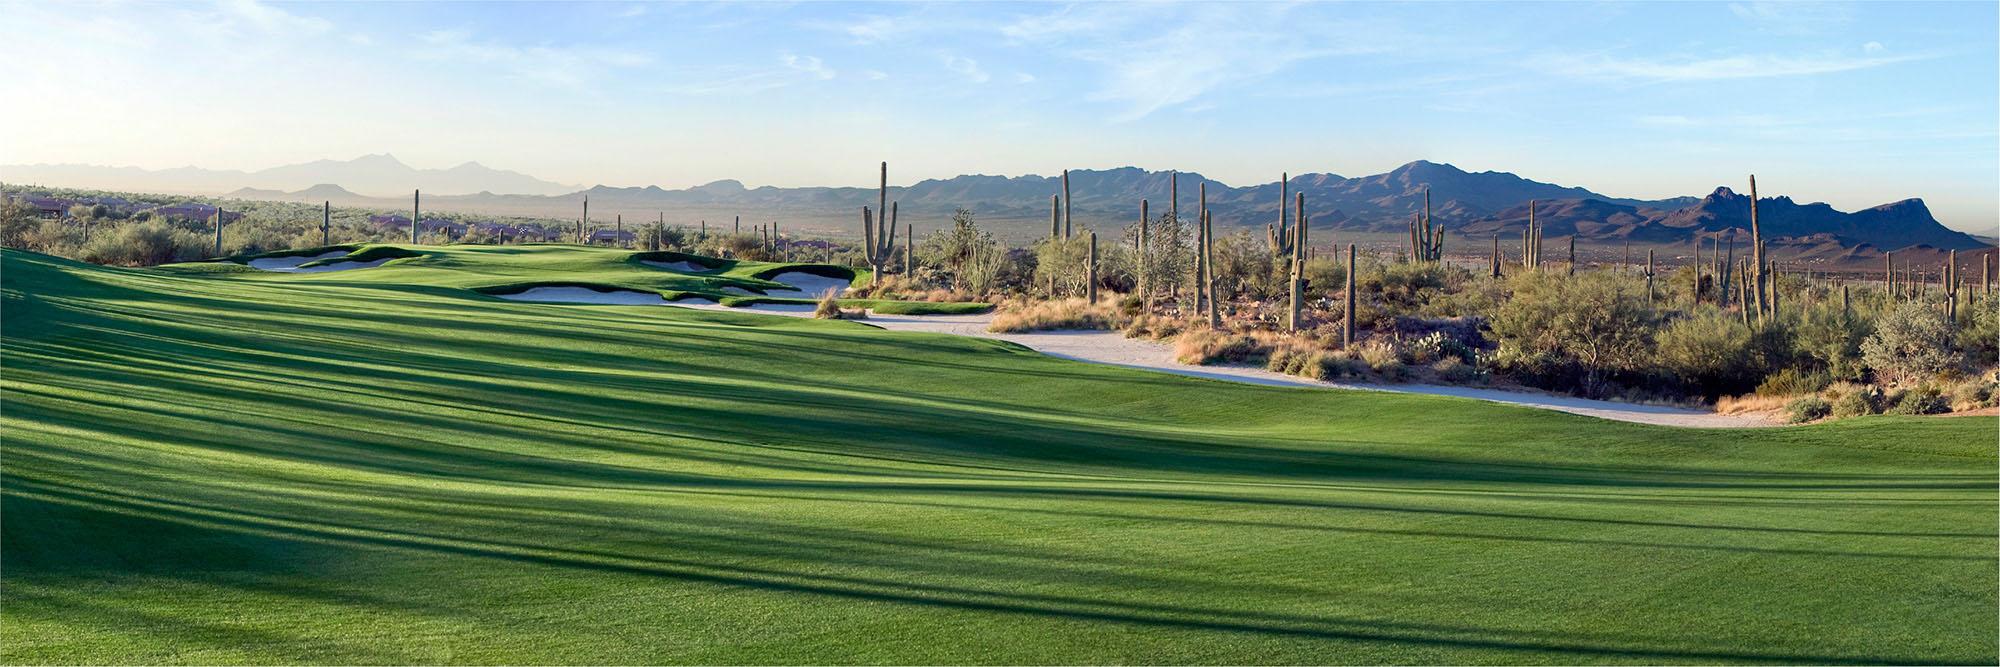 Golf Course Image - Ritz Carlton Dove Mountain No. 2